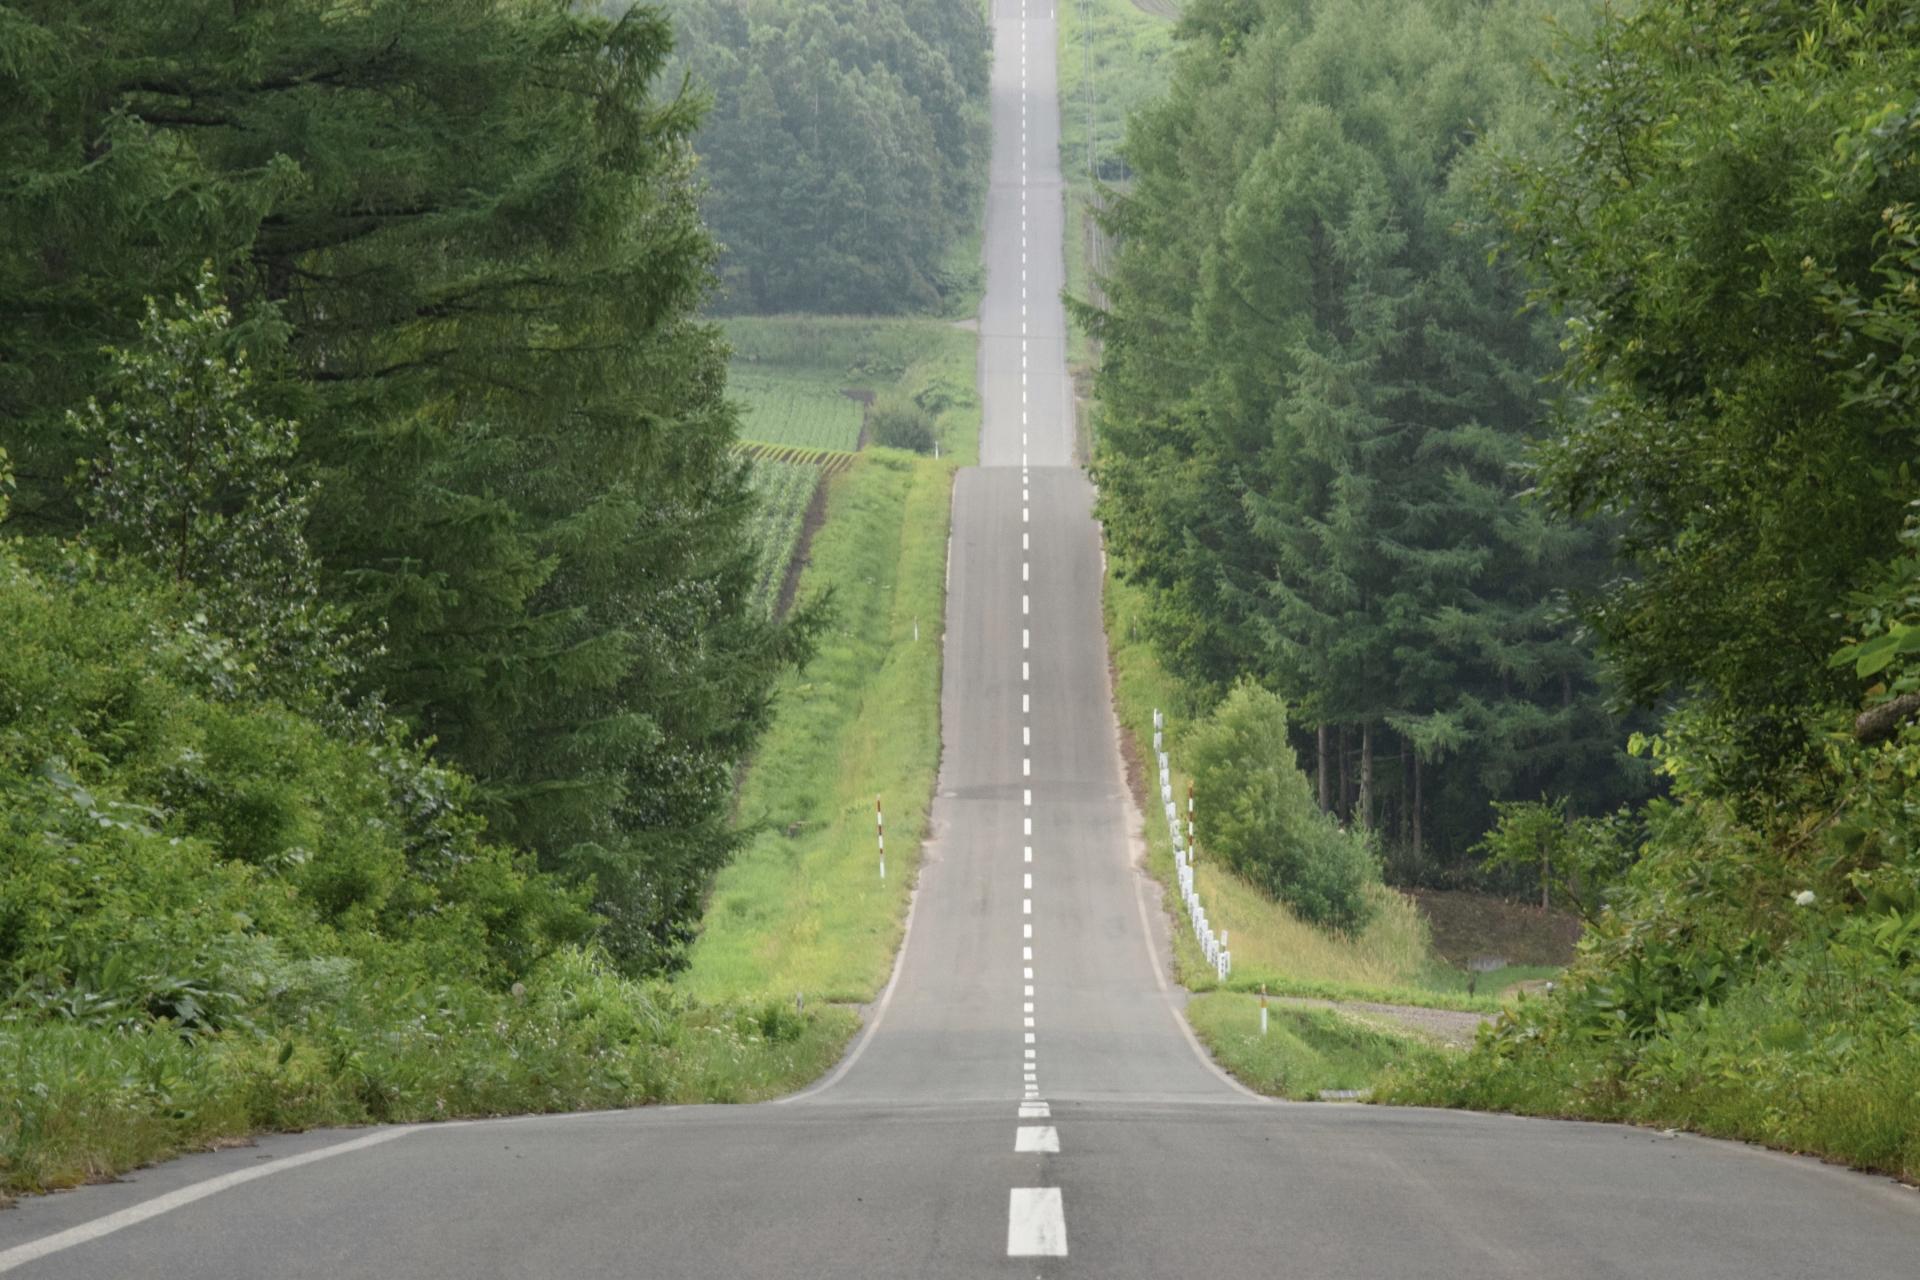 北海道を車で一周しよう!おすすめのルートや費用についても解説!